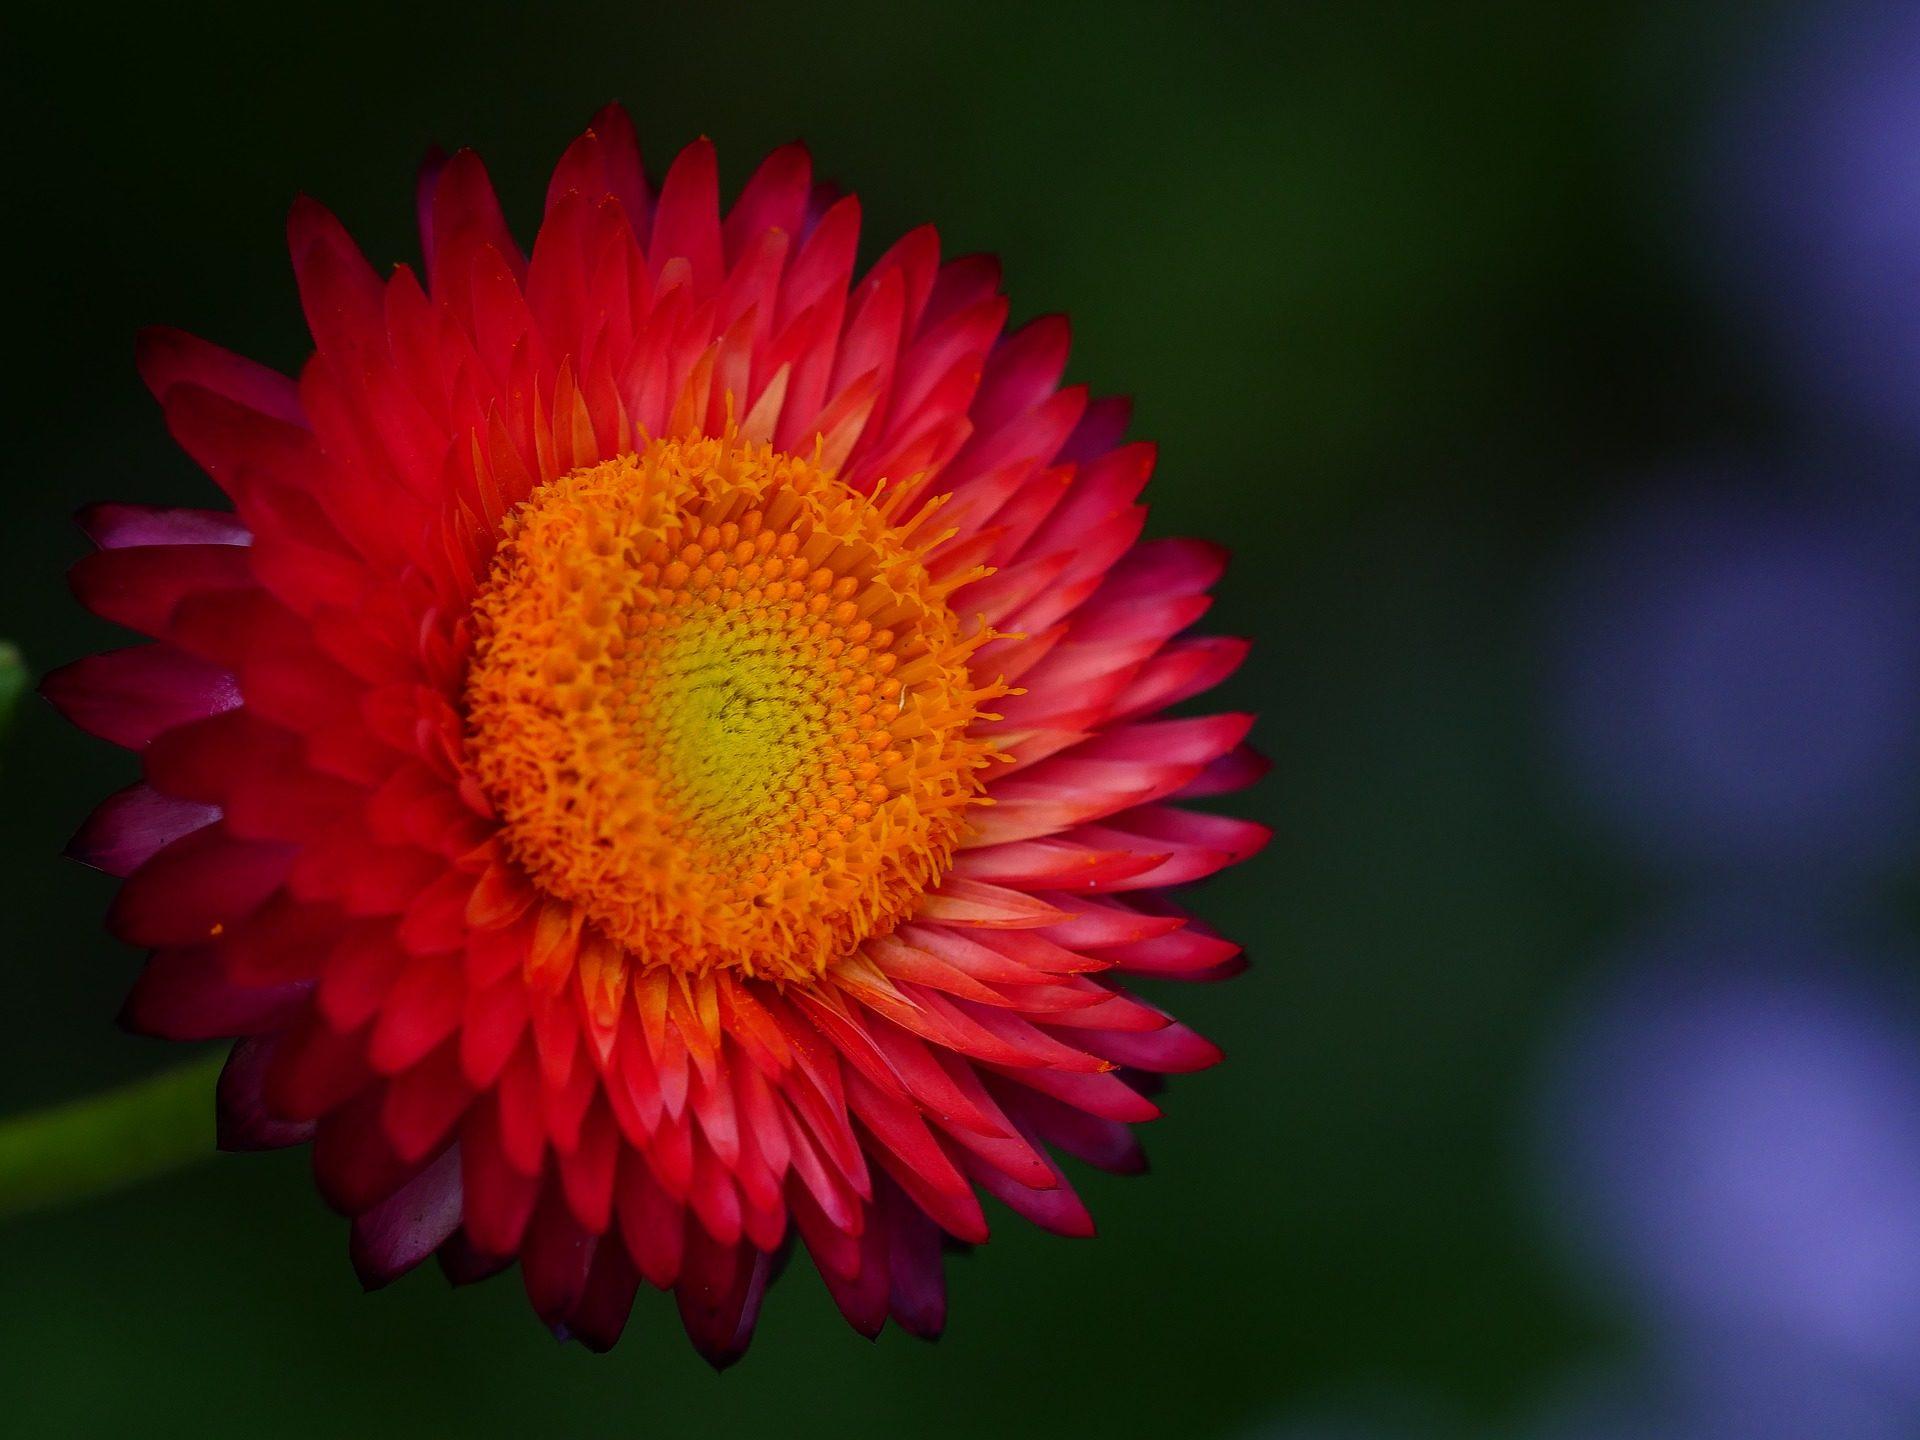 fiore, petali di, stami, pistilli, Floración, Rosso, Orange - Sfondi HD - Professor-falken.com